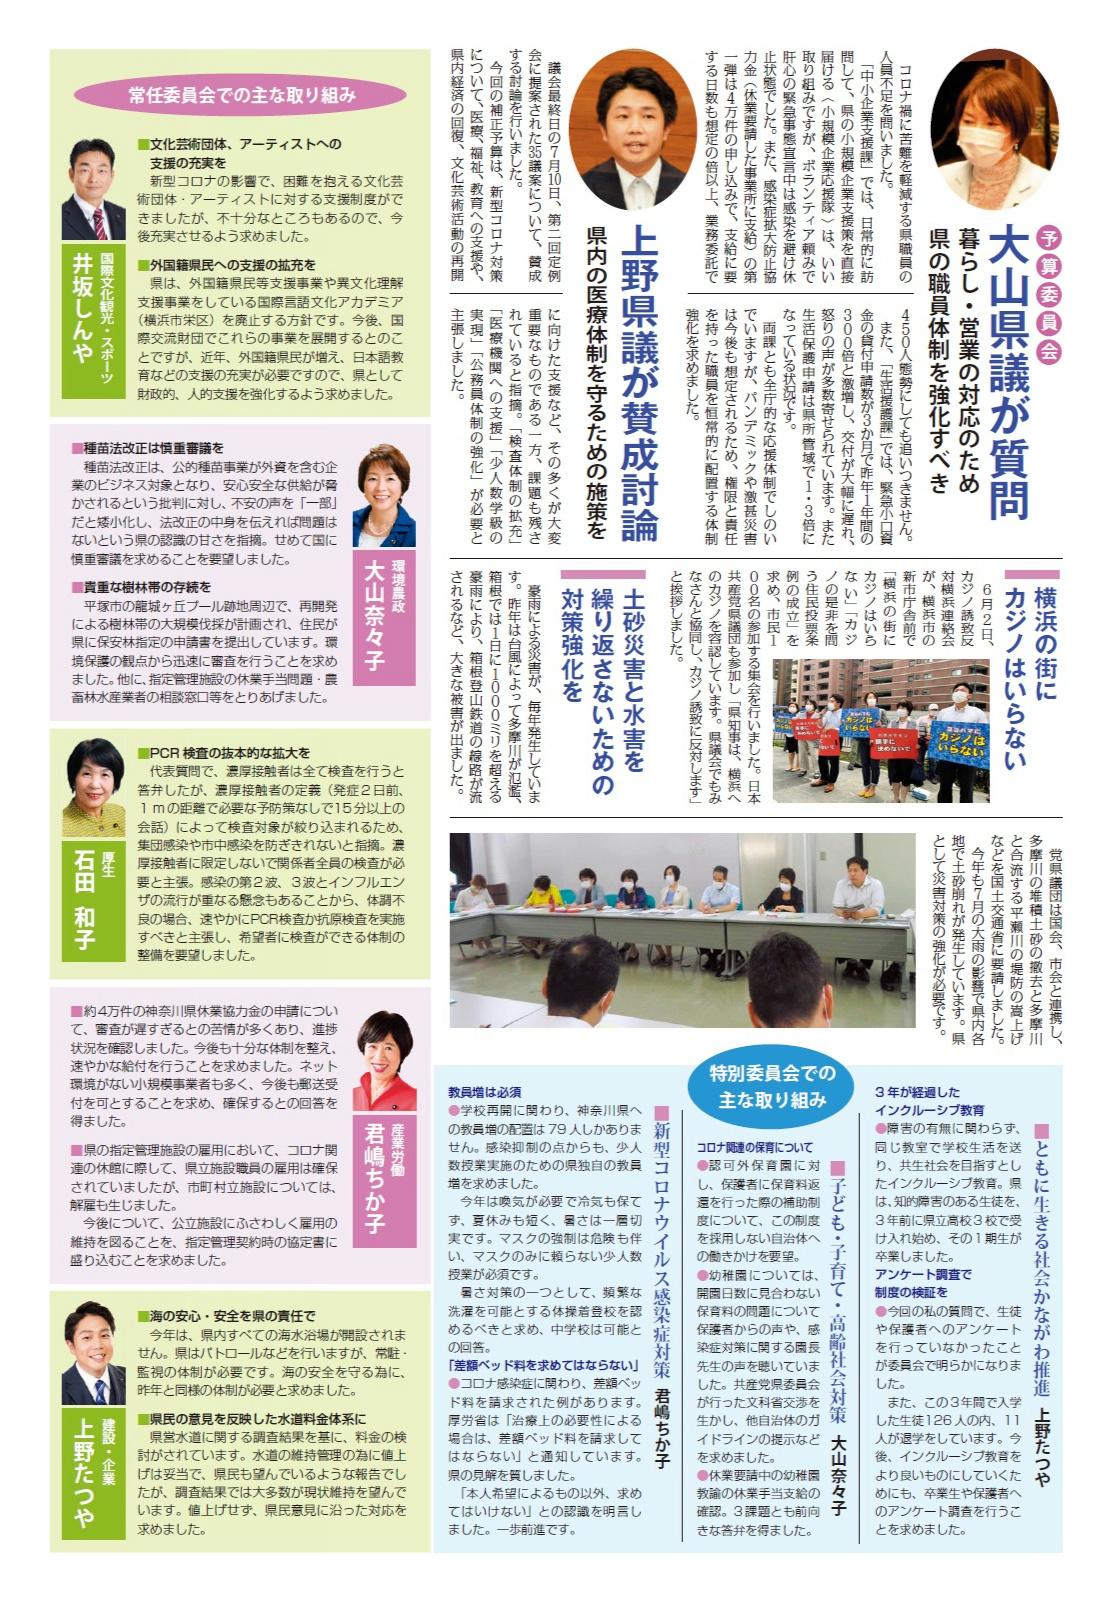 県議会報告2020年8月(裏).jpg